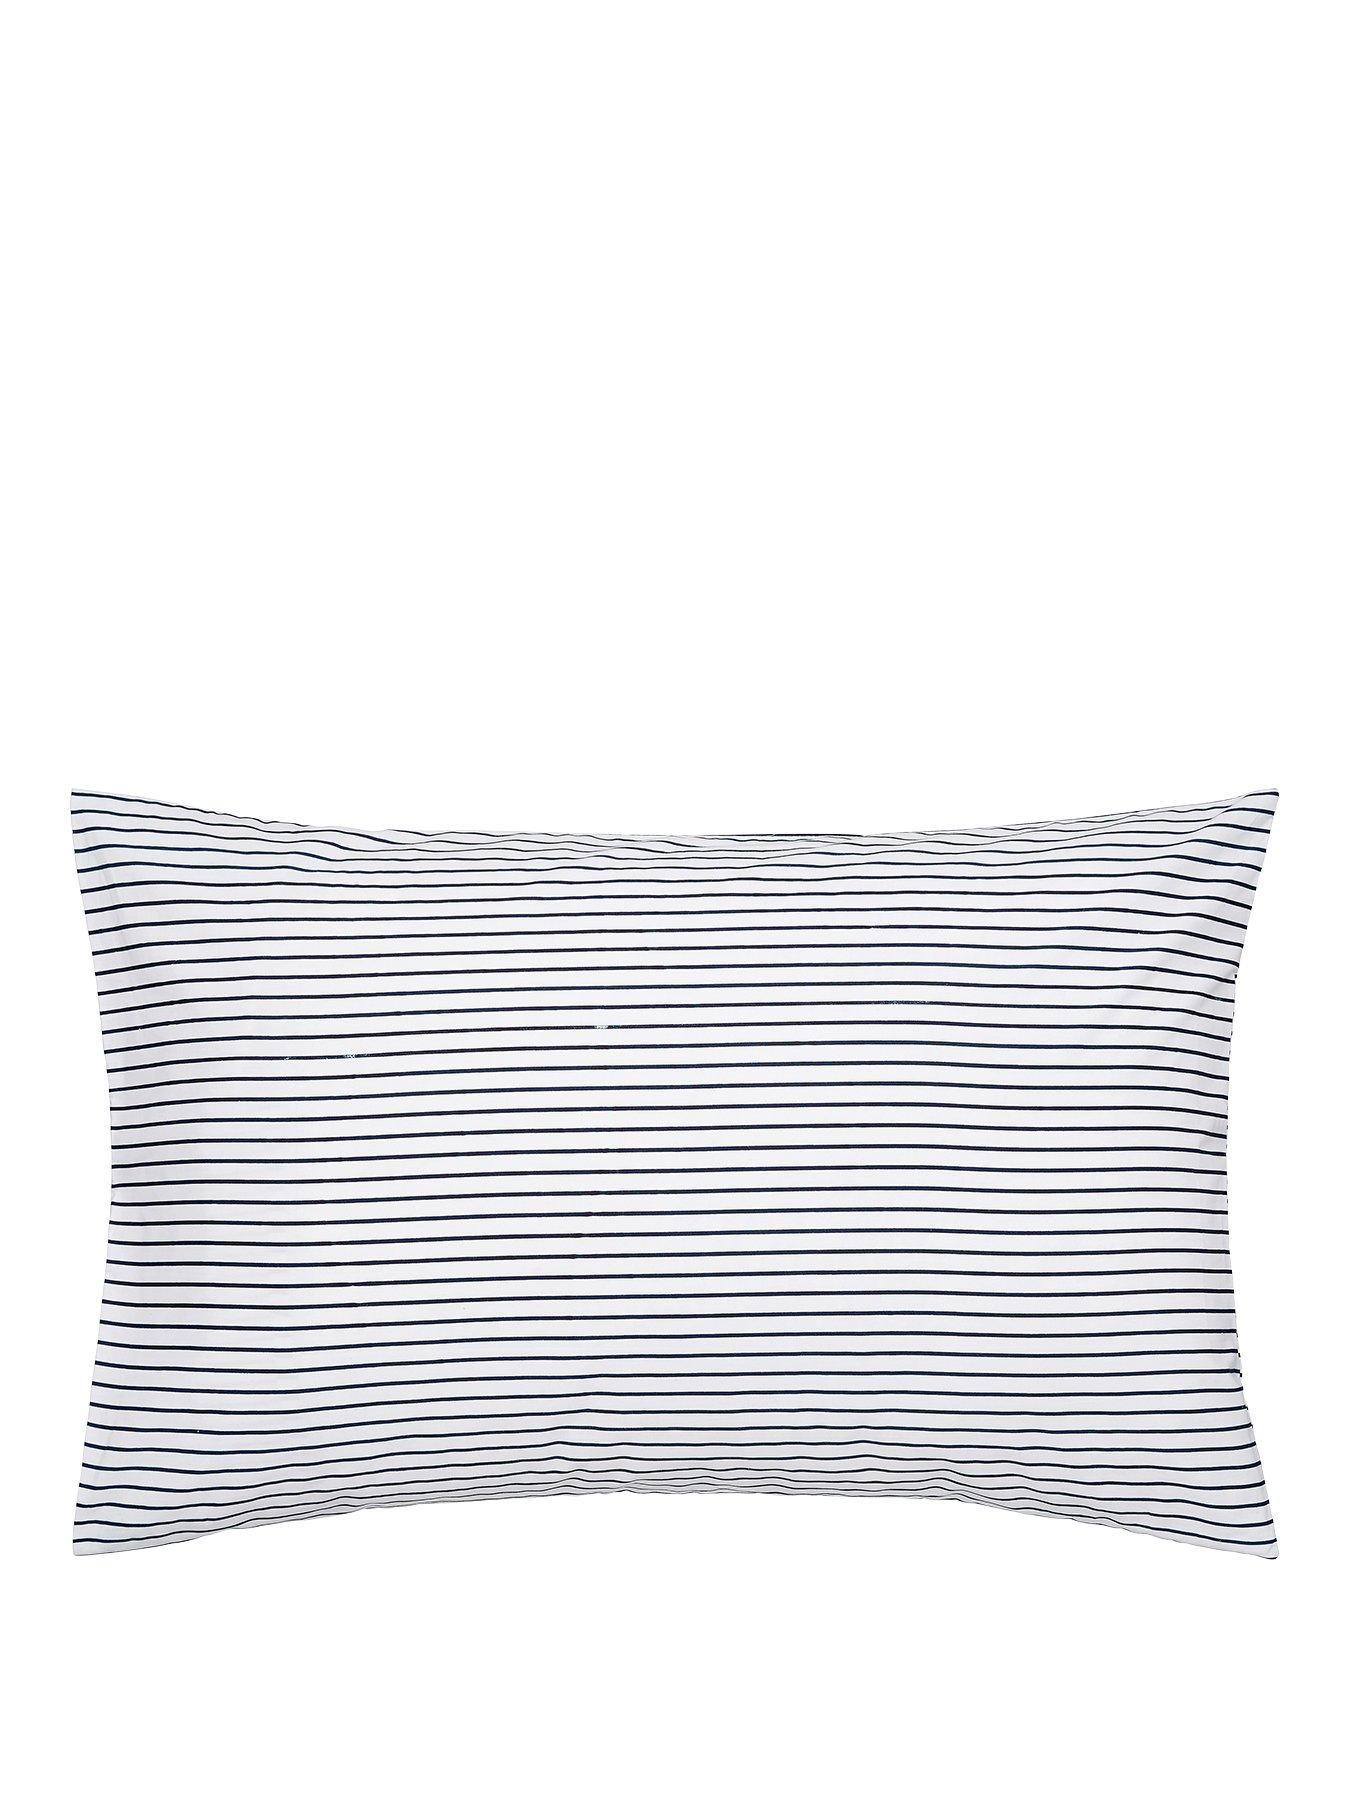 Bedroom | Pillow cases | Bedding | Home & garden | www